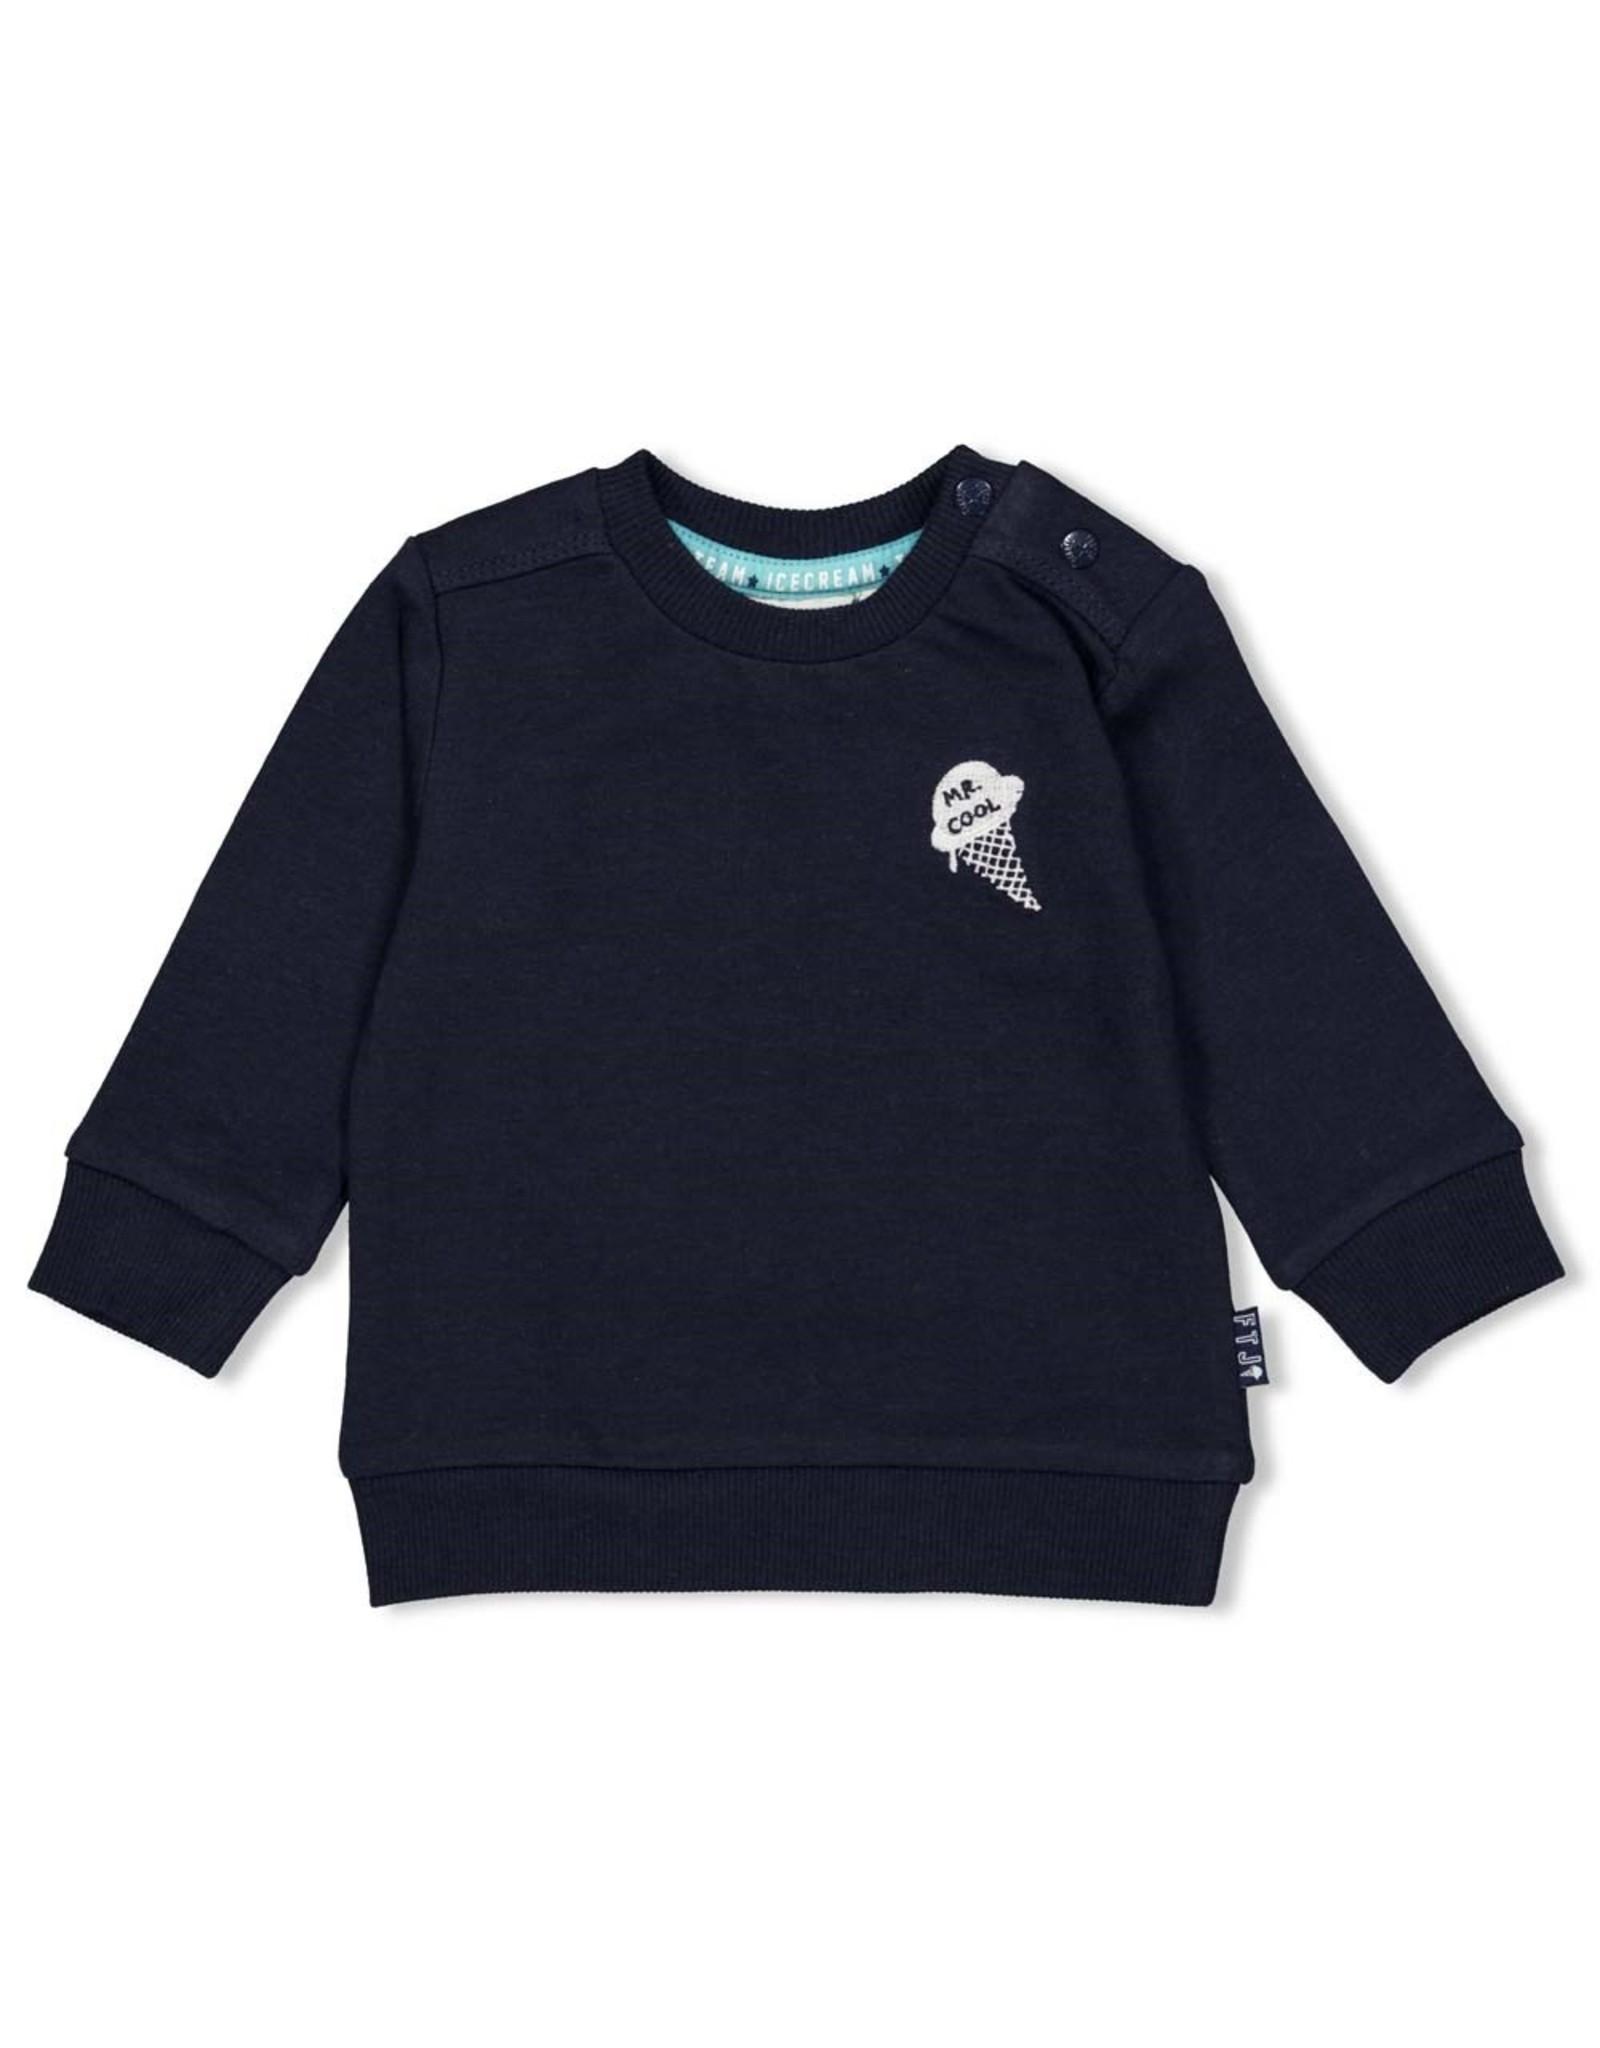 Feetje Sweater - Team Icecream Marine